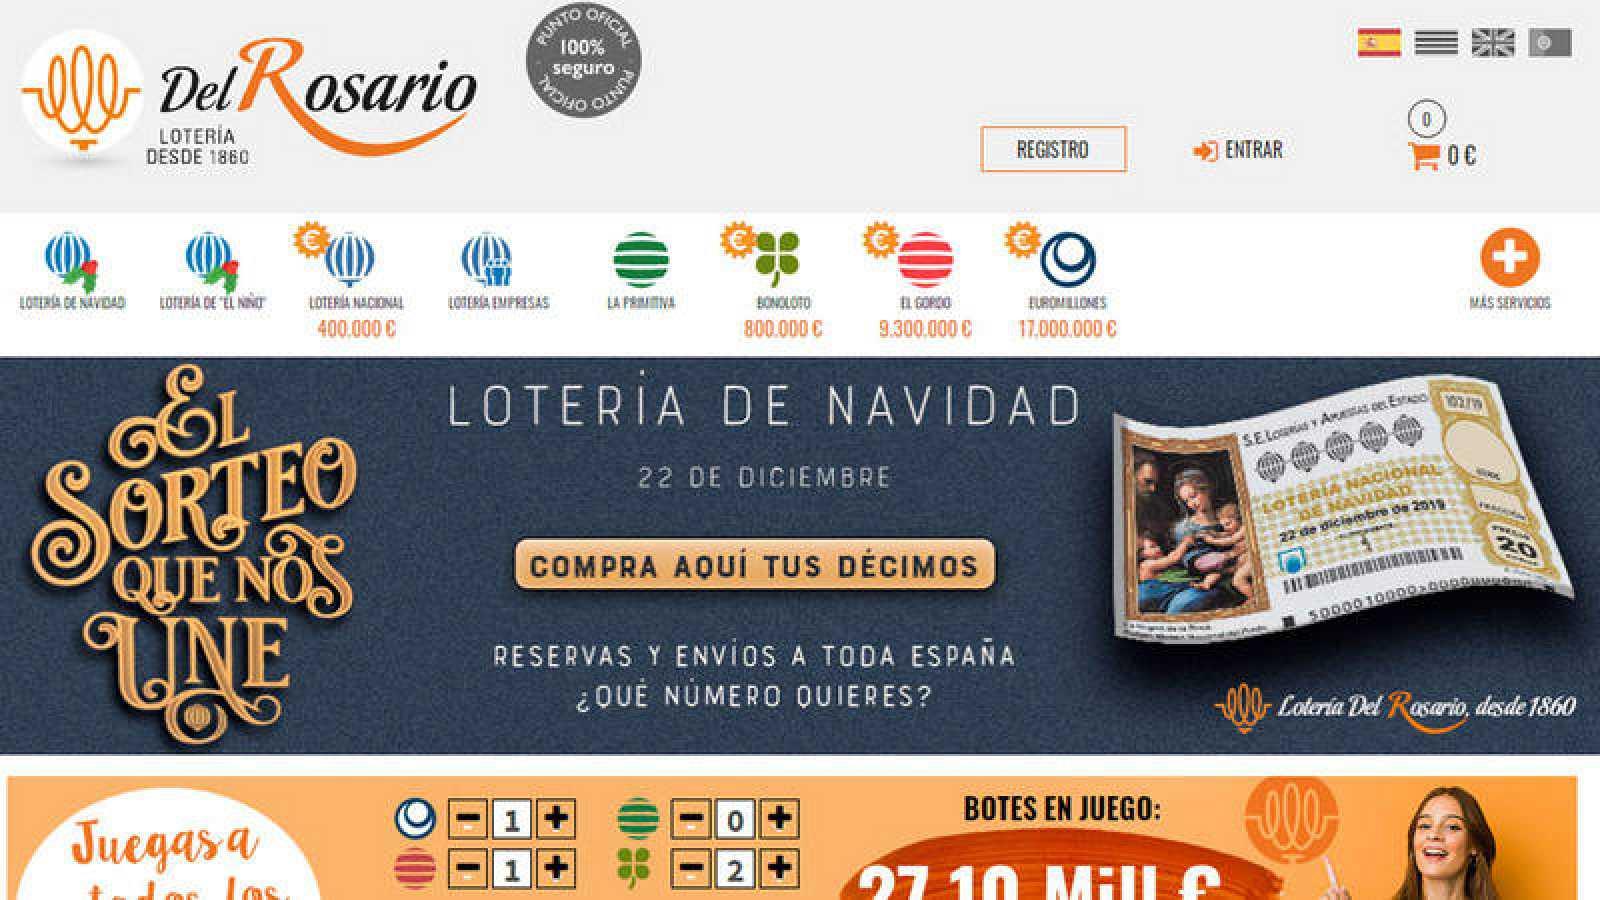 Lotería del Rosario, la administración de Zaragoza que reparte más premios